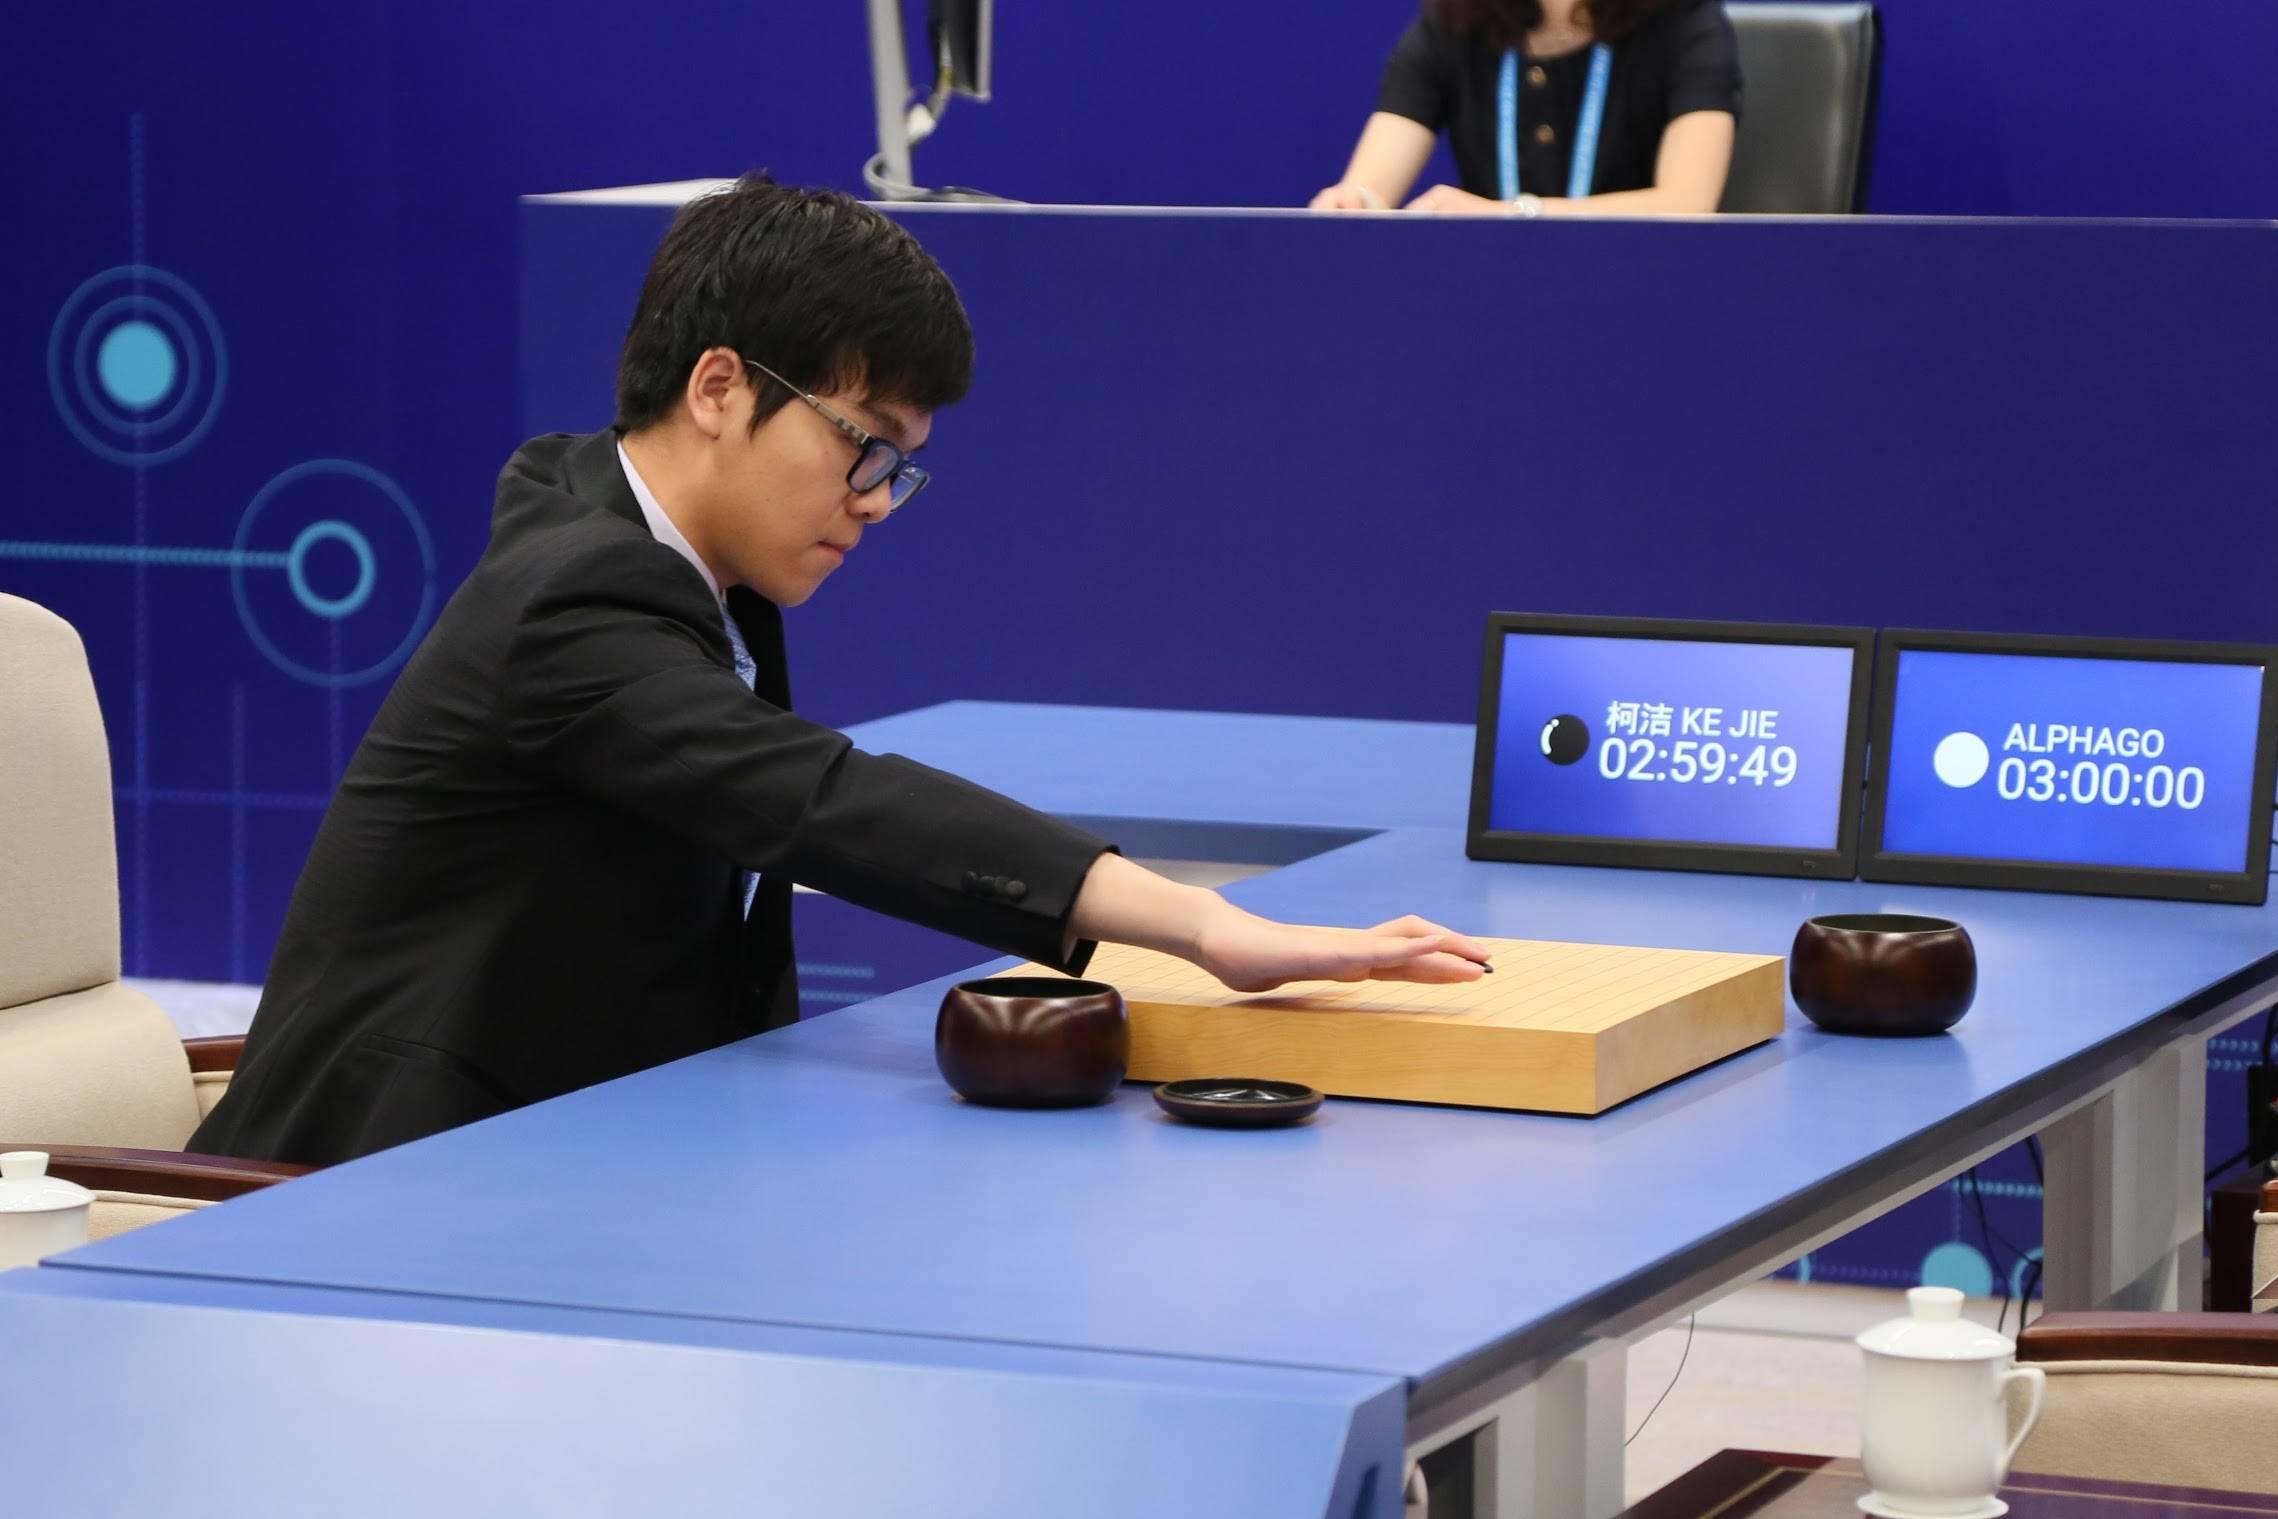 柯洁1/4子惜败,机器之心独家对话AlphaGo开发者导师 Martin Müller